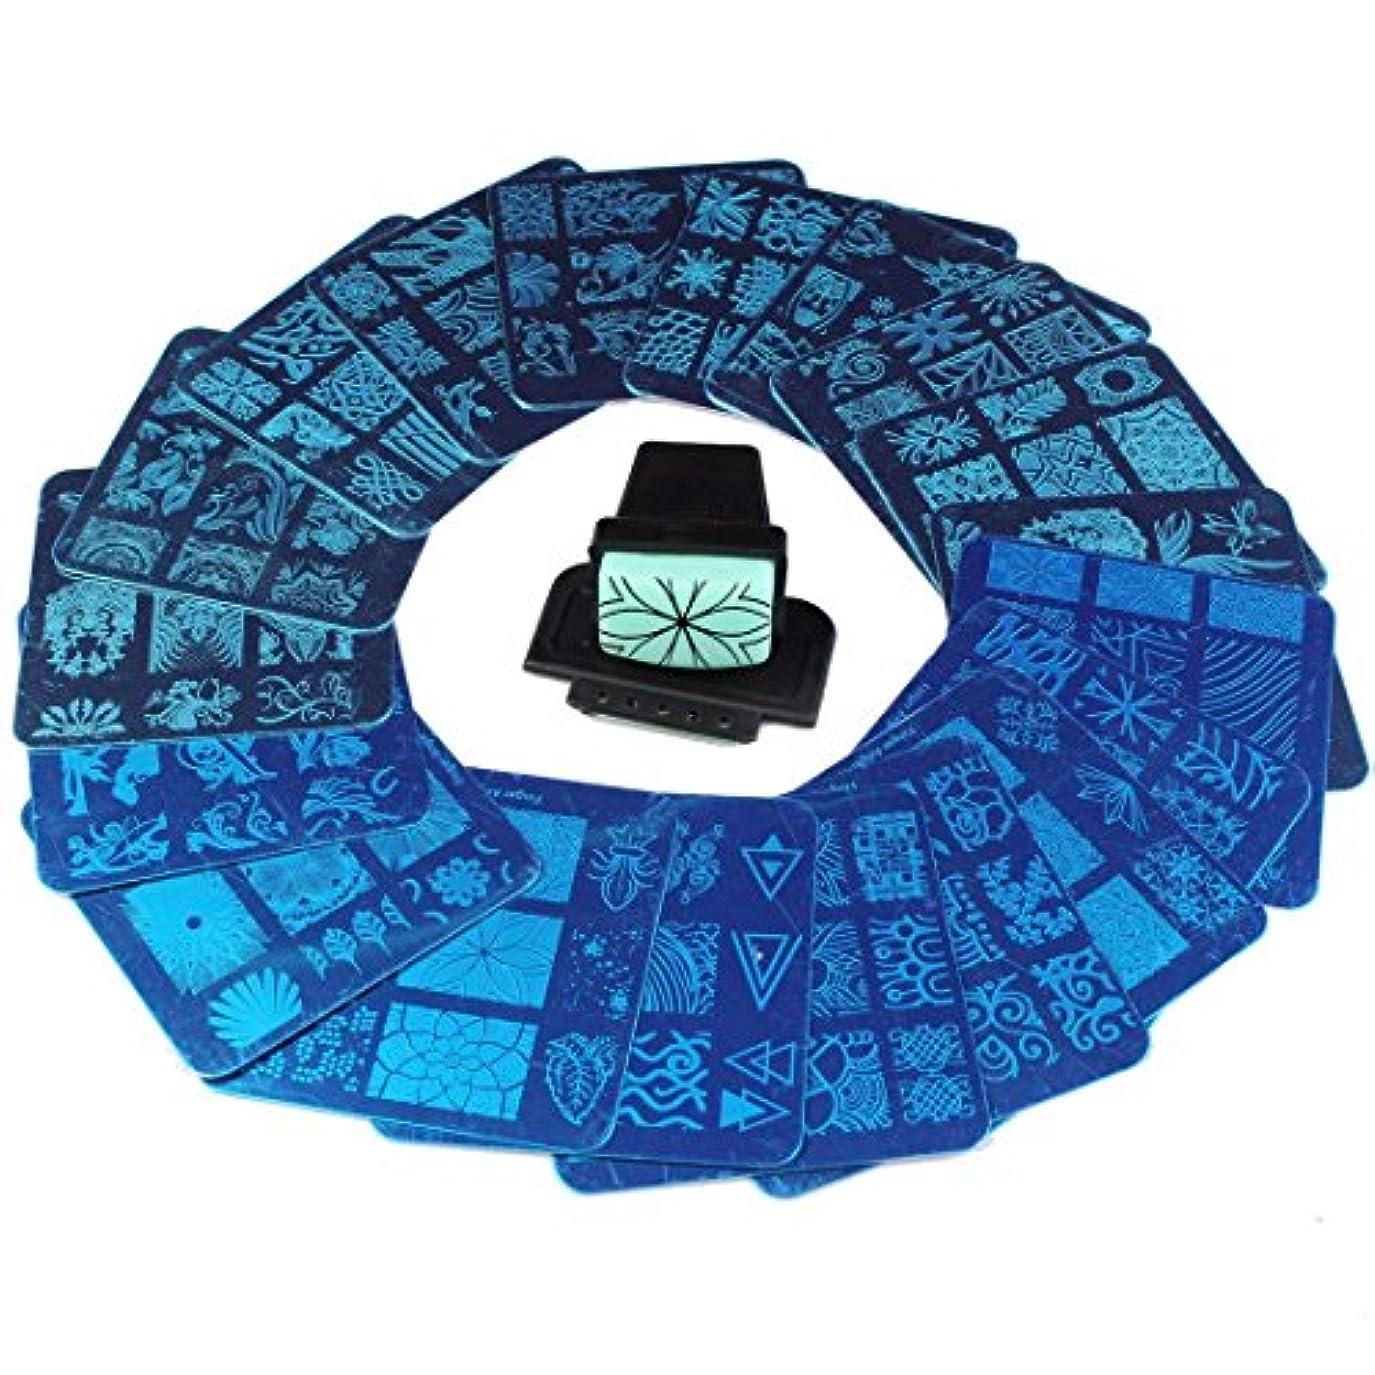 ホイップまでスタッフFingerAngel ネイルイメージプレートセット ネイルプレート 正方形20枚 付き ネイルサロンも自宅も使えるネイルプレート